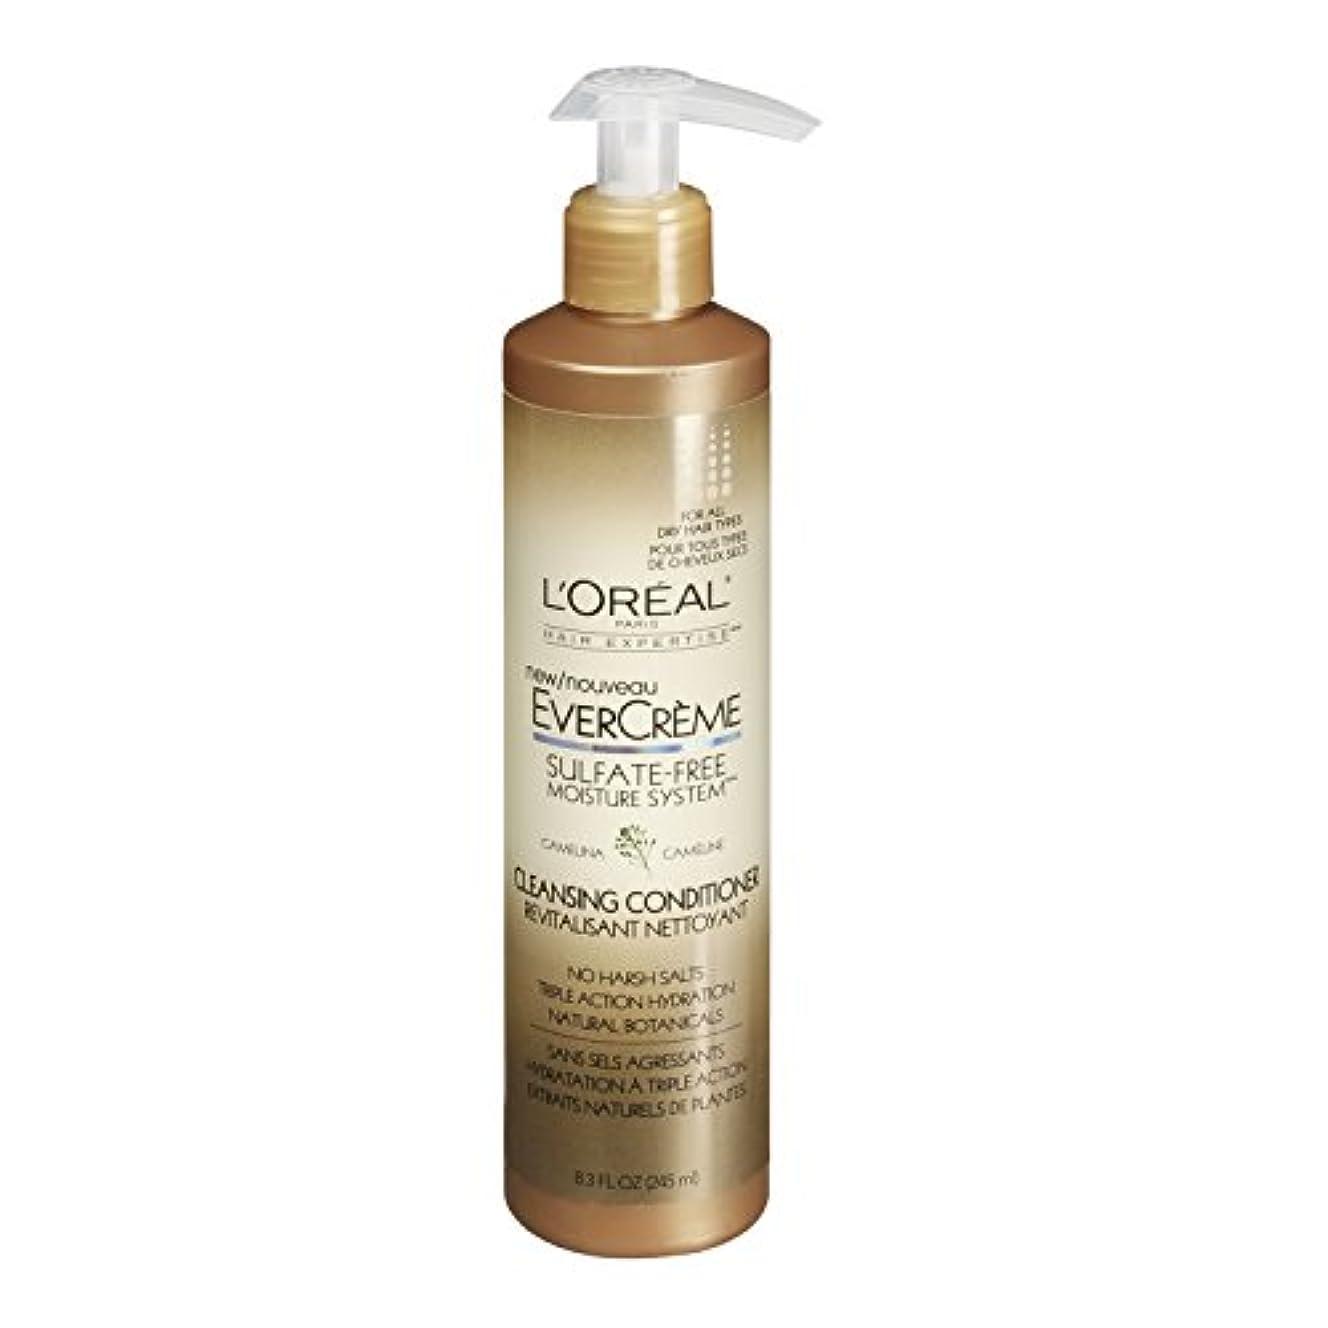 計算するカプセル思い出すL'Oreal Paris EverCreme Sulfate-Free Moisture System Cleansing Conditioner, 8.3 fl. Oz. by L'Oreal Paris Hair...